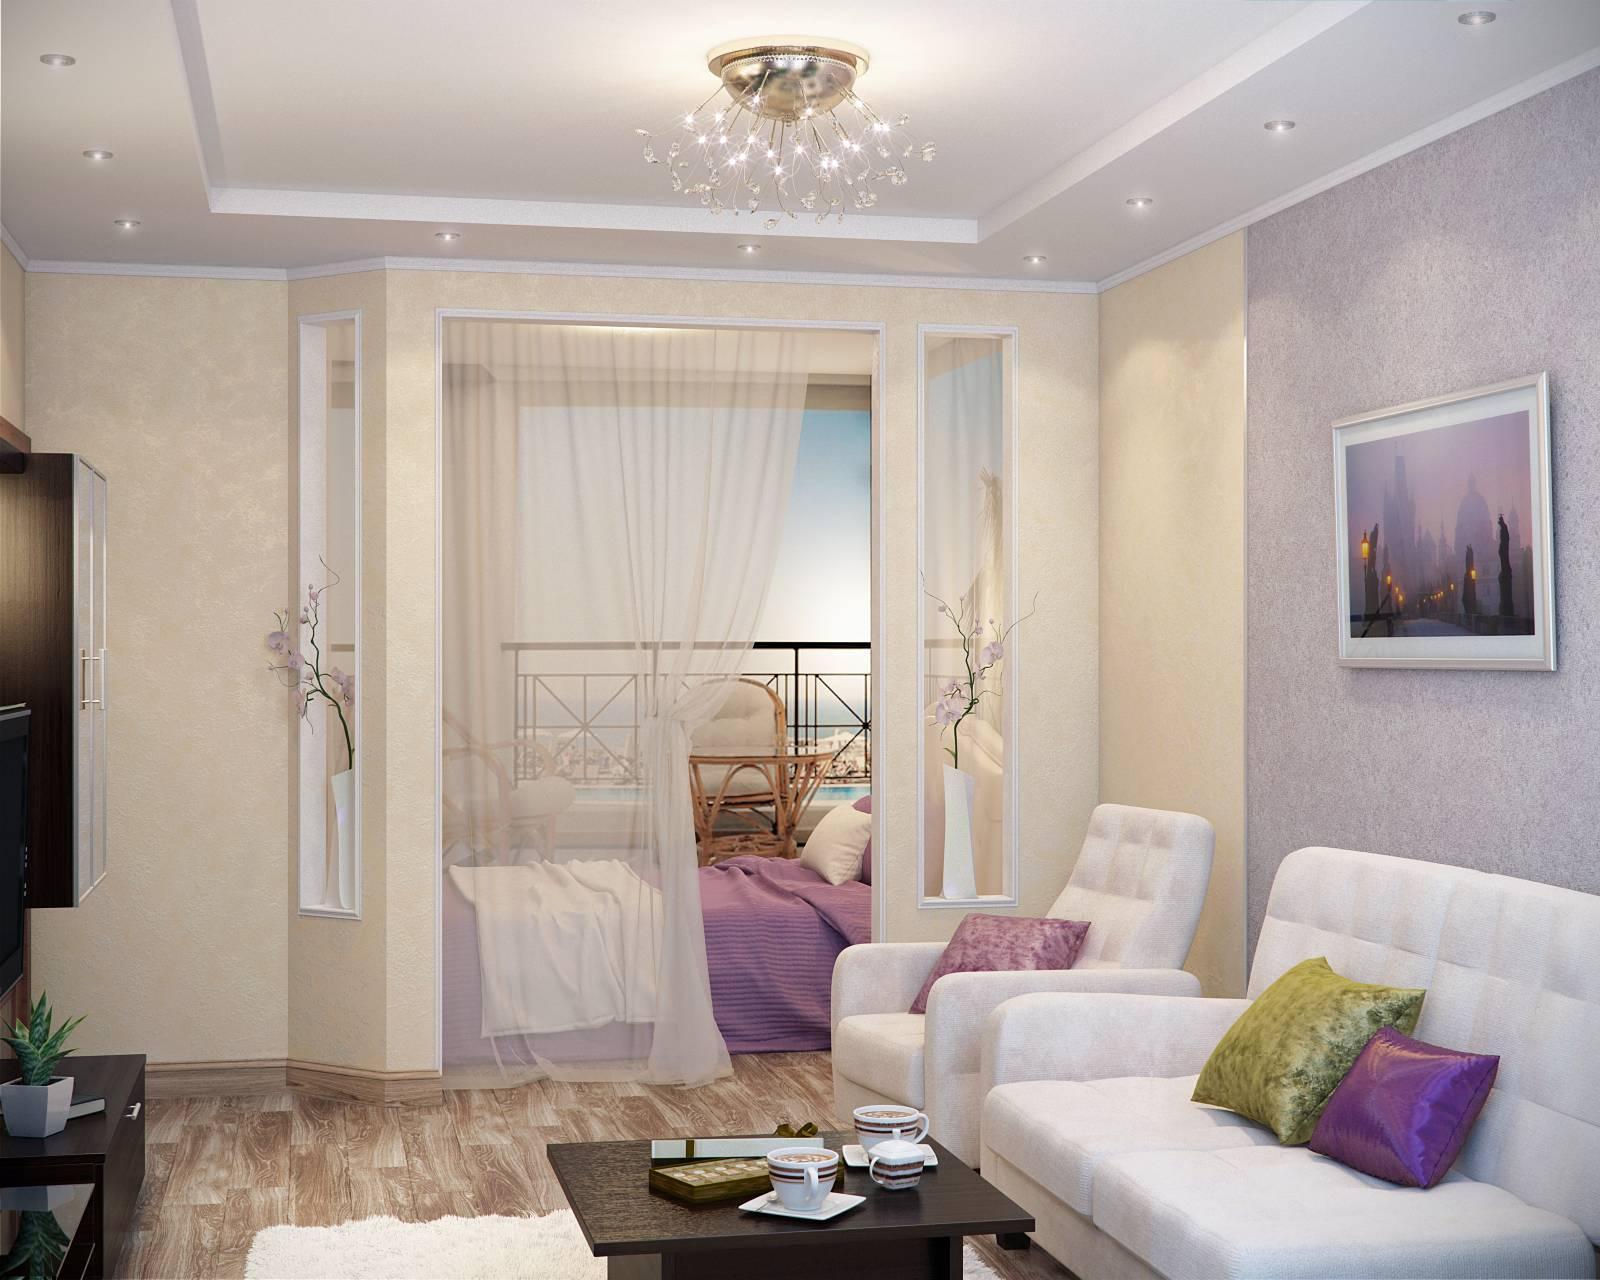 фотографии дизайна однокомнатных квартир с нишей понятием